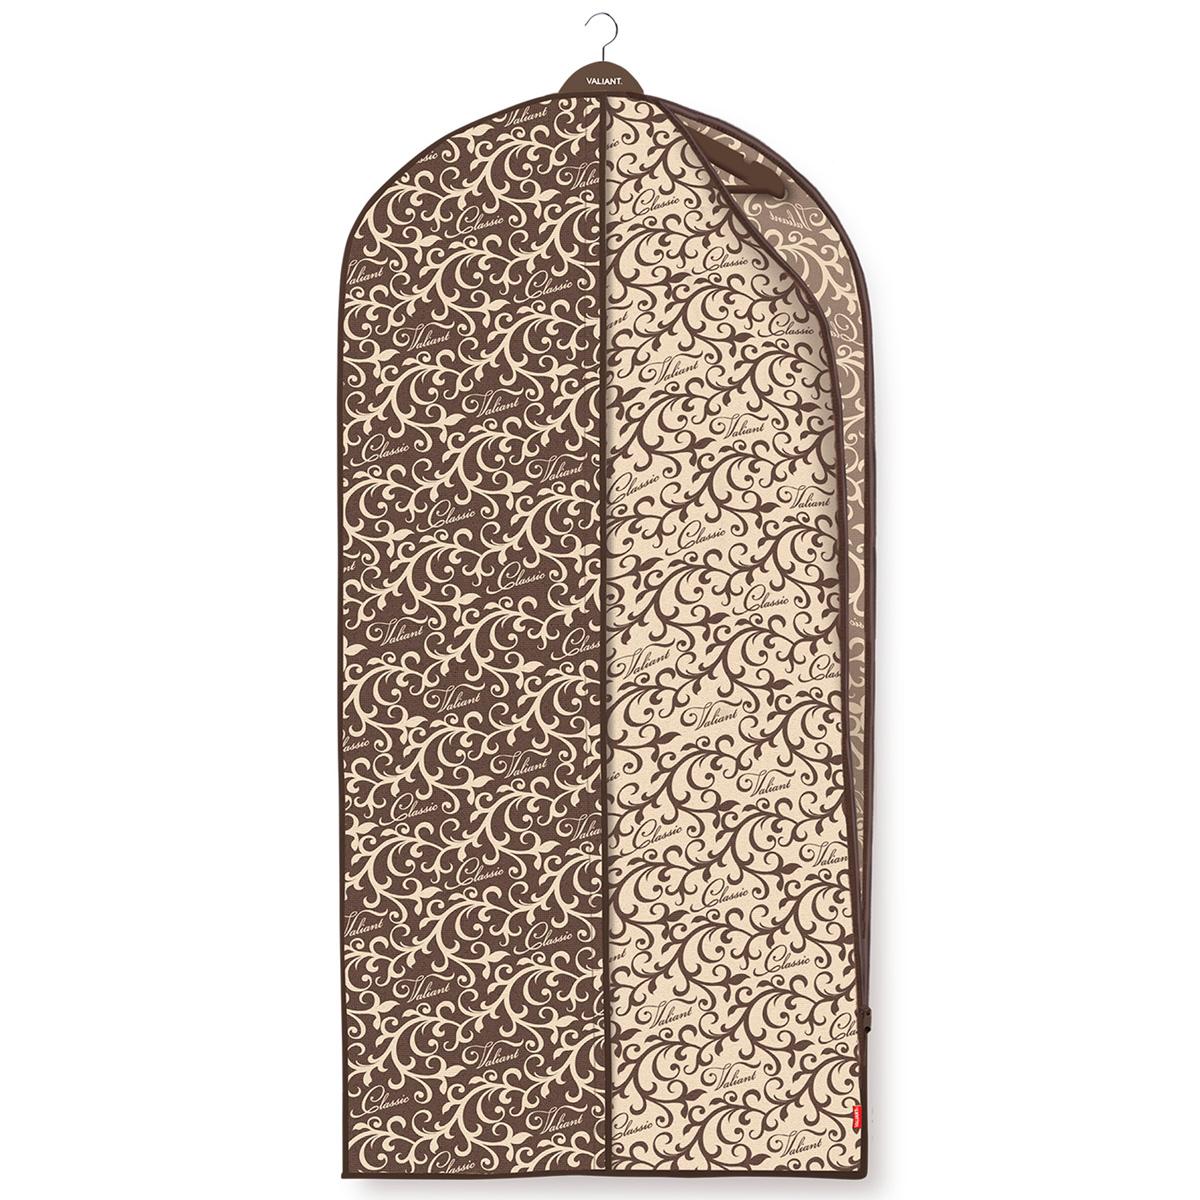 Чехол для одежды Valiant Classic, с боковой молнией, 60 см х 137 смPR-2WЧехол для одежды Valiant Classic изготовлен из высококачественного нетканого материала (спанбонда), который обеспечивает естественную вентиляцию, позволяя воздуху проникать внутрь, но не пропускает пыль. Чехол очень удобен в использовании. Специальная прозрачная вставка позволяет видеть содержимое чехла, не открывая его. Застежка-молния расположена в боковом шве, что обеспечивает легкий доступ к содержимому. Чехол идеально подойдет для транспортировки и хранения одежды. Изысканный дизайн Classic Collection придется по вкусу ценителям классического стиля, он гармонично вписывается в современный классический гардероб.Системы хранения в едином дизайне сделают вашу гардеробную красивой и невероятно стильной.